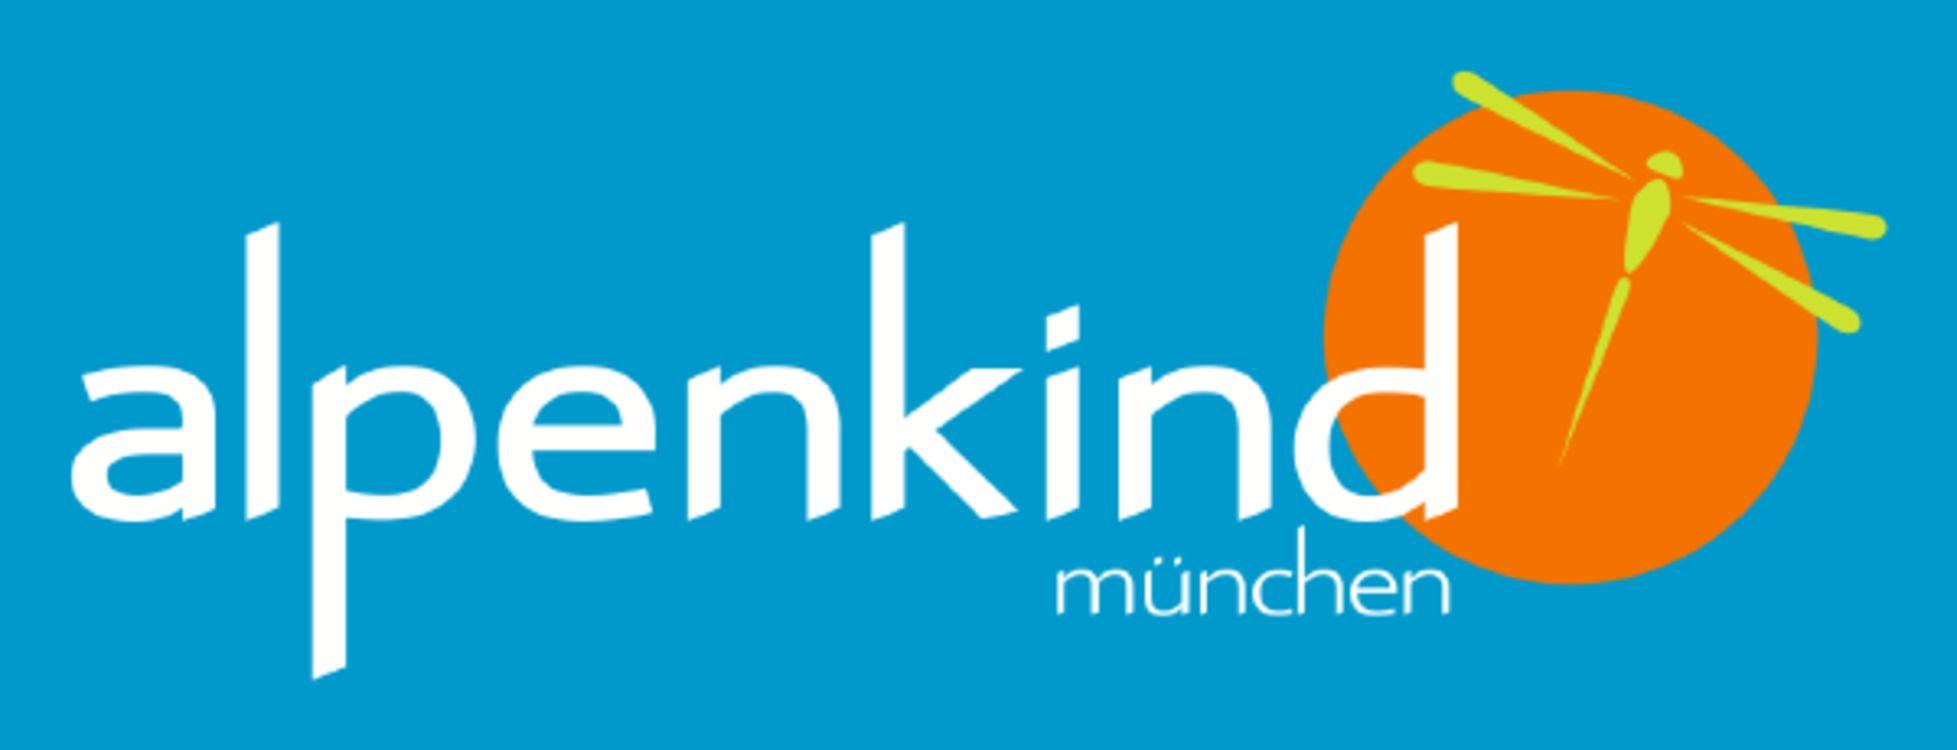 alpenkind® muenchen in München (Bild 2)